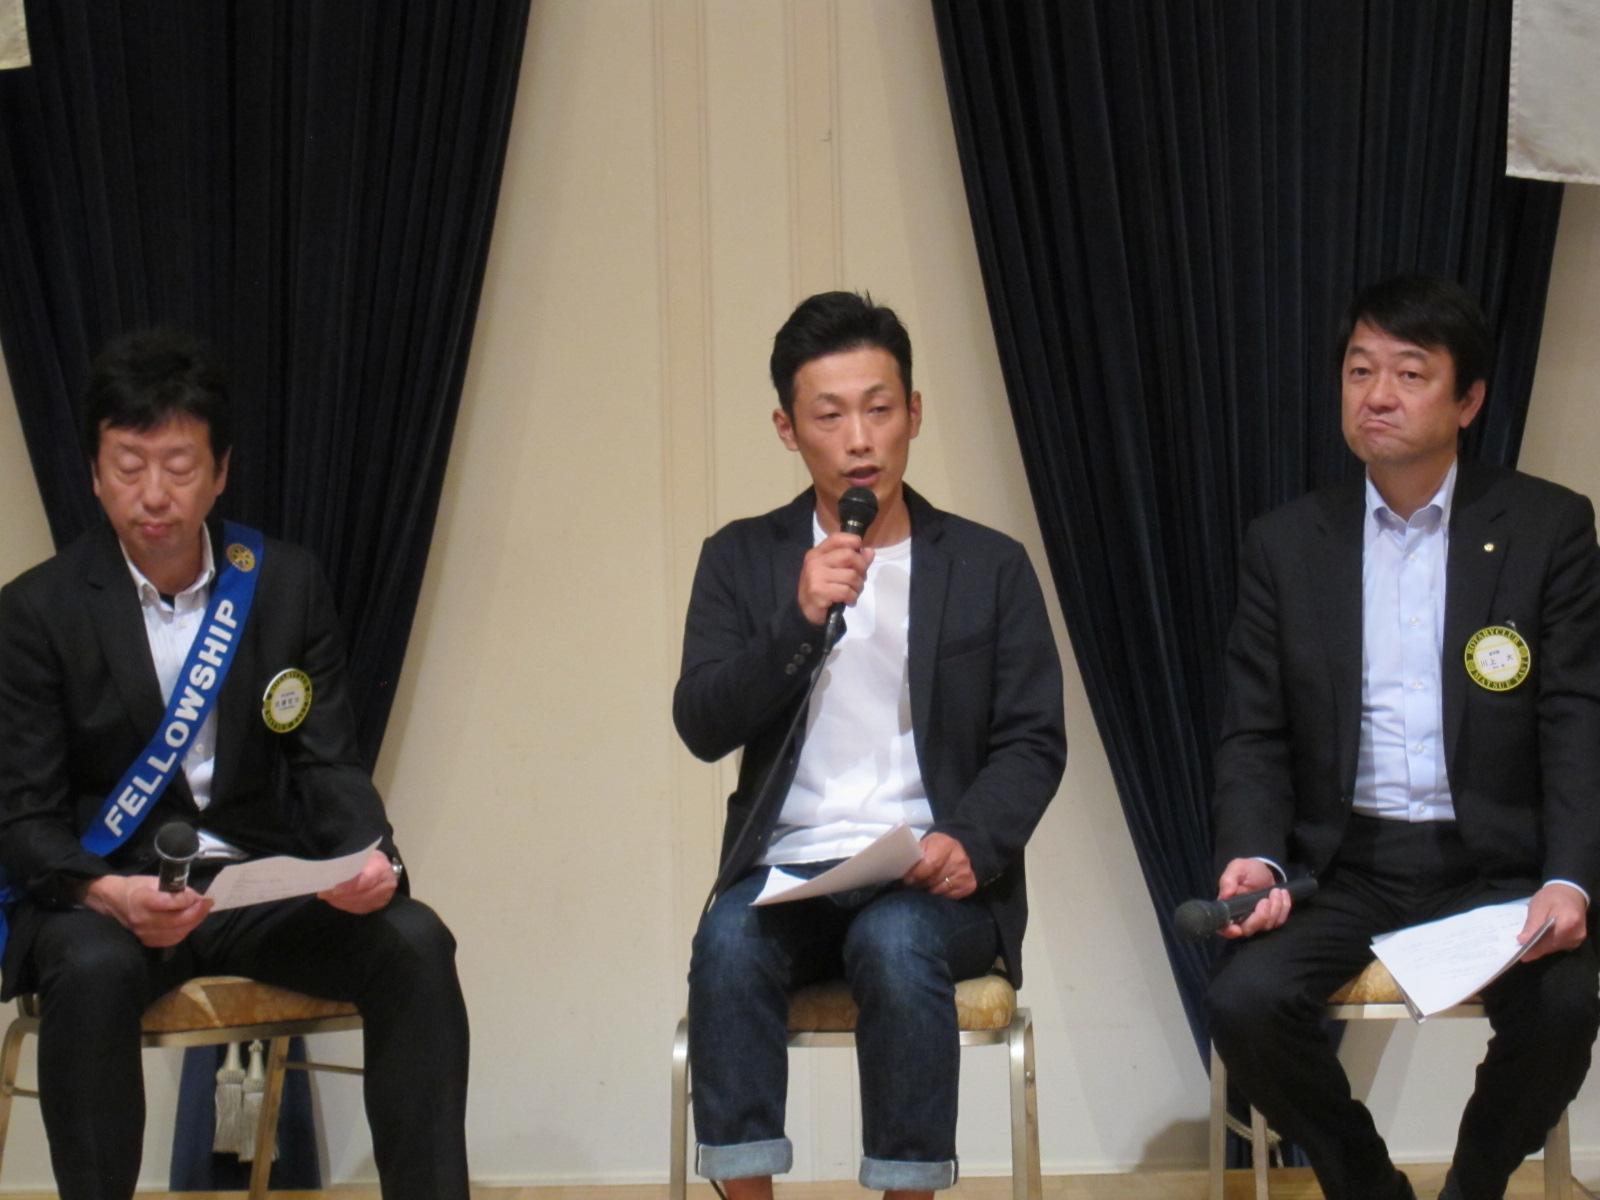 松崎さんが活動について語る